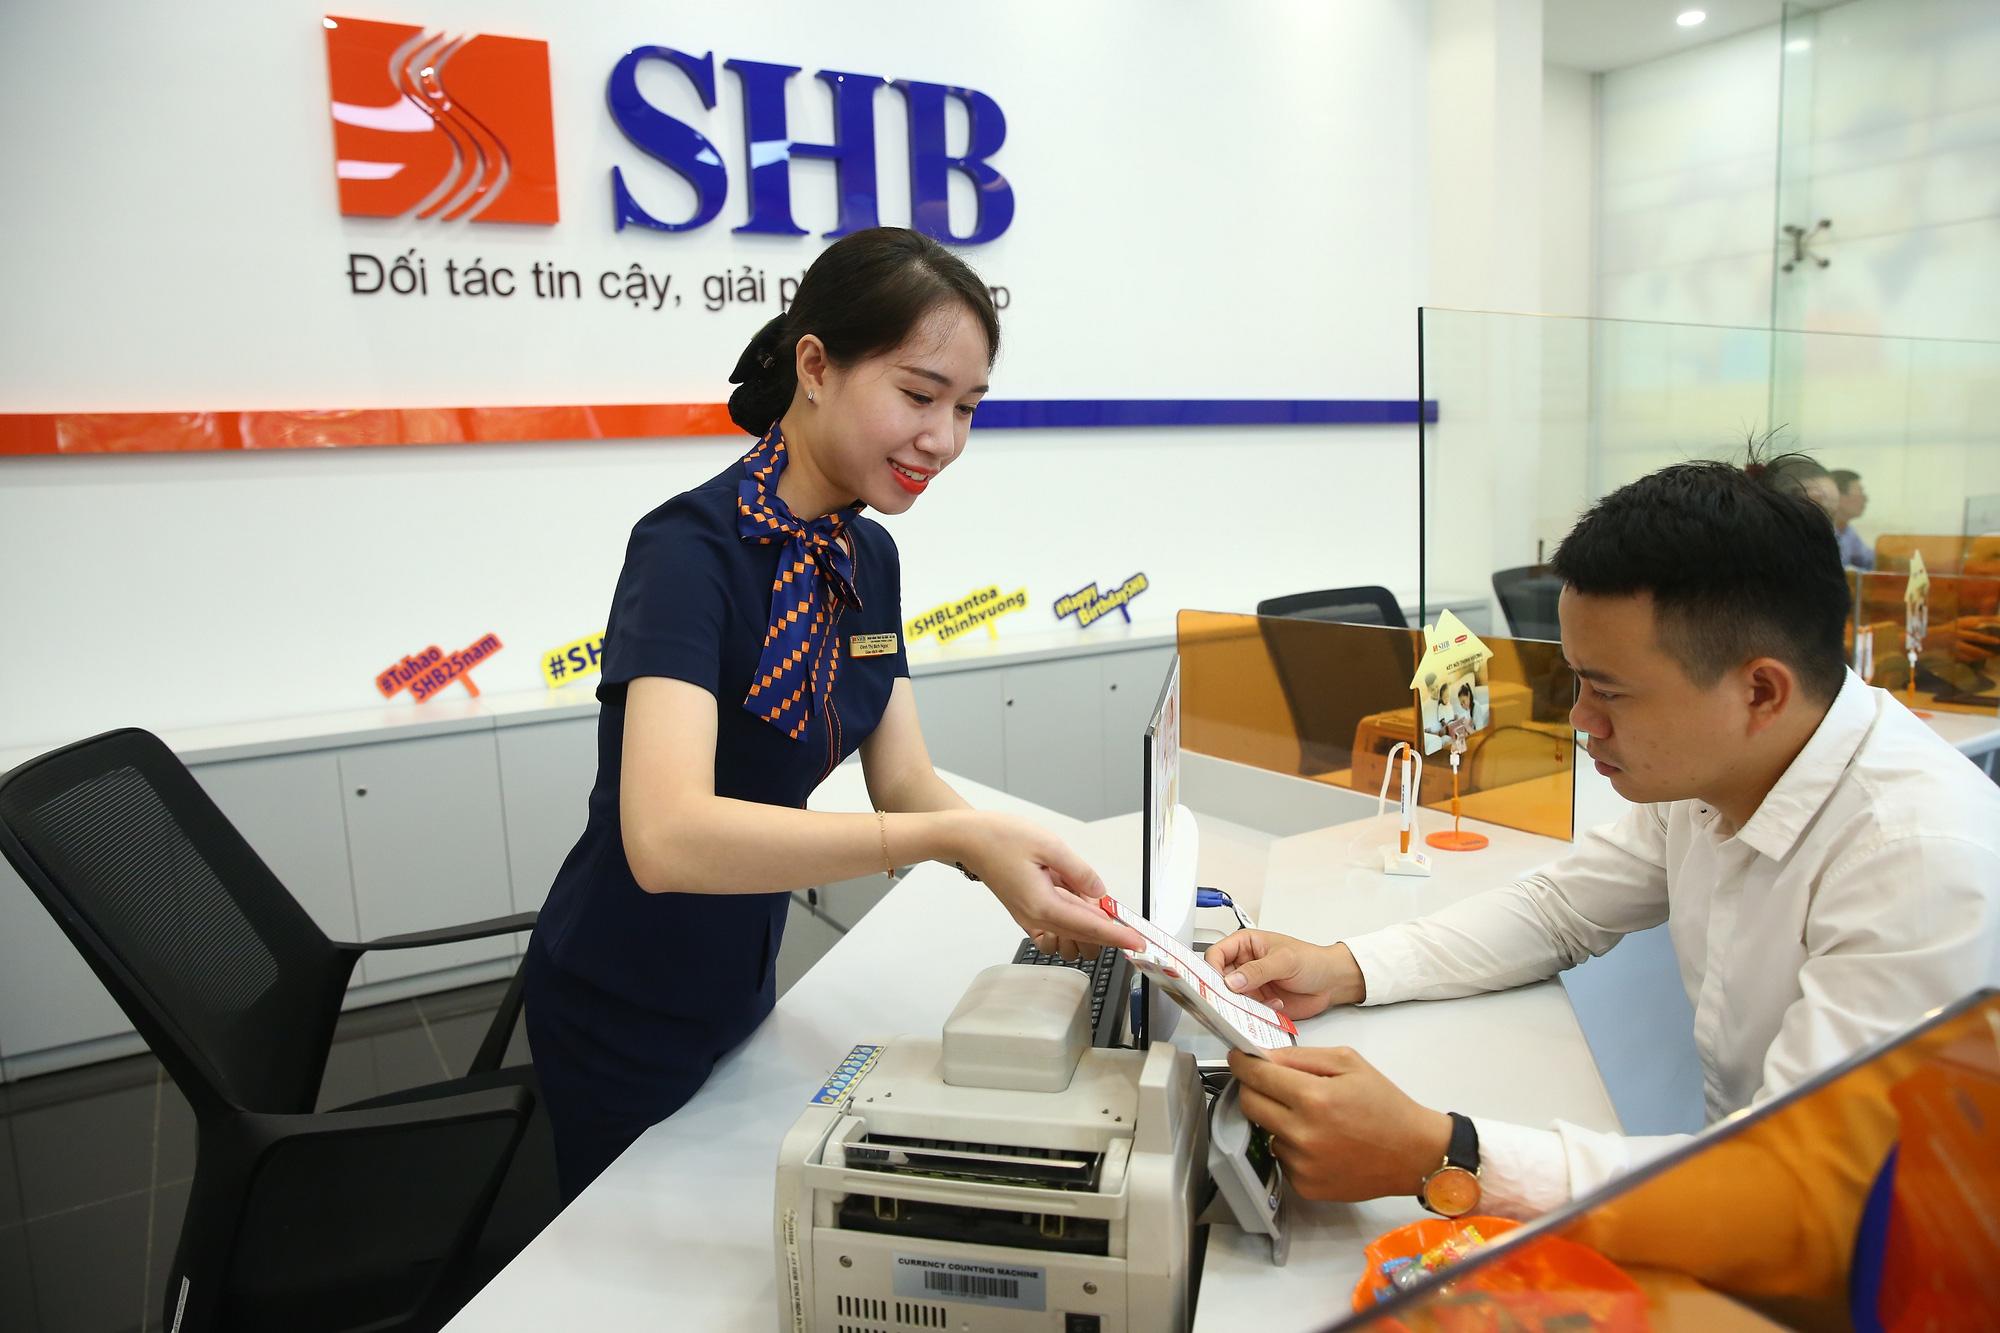 Tận hưởng ưu đãi vượt trội cùng Combo tài khoản thanh toán tại SHB - Ảnh 1.